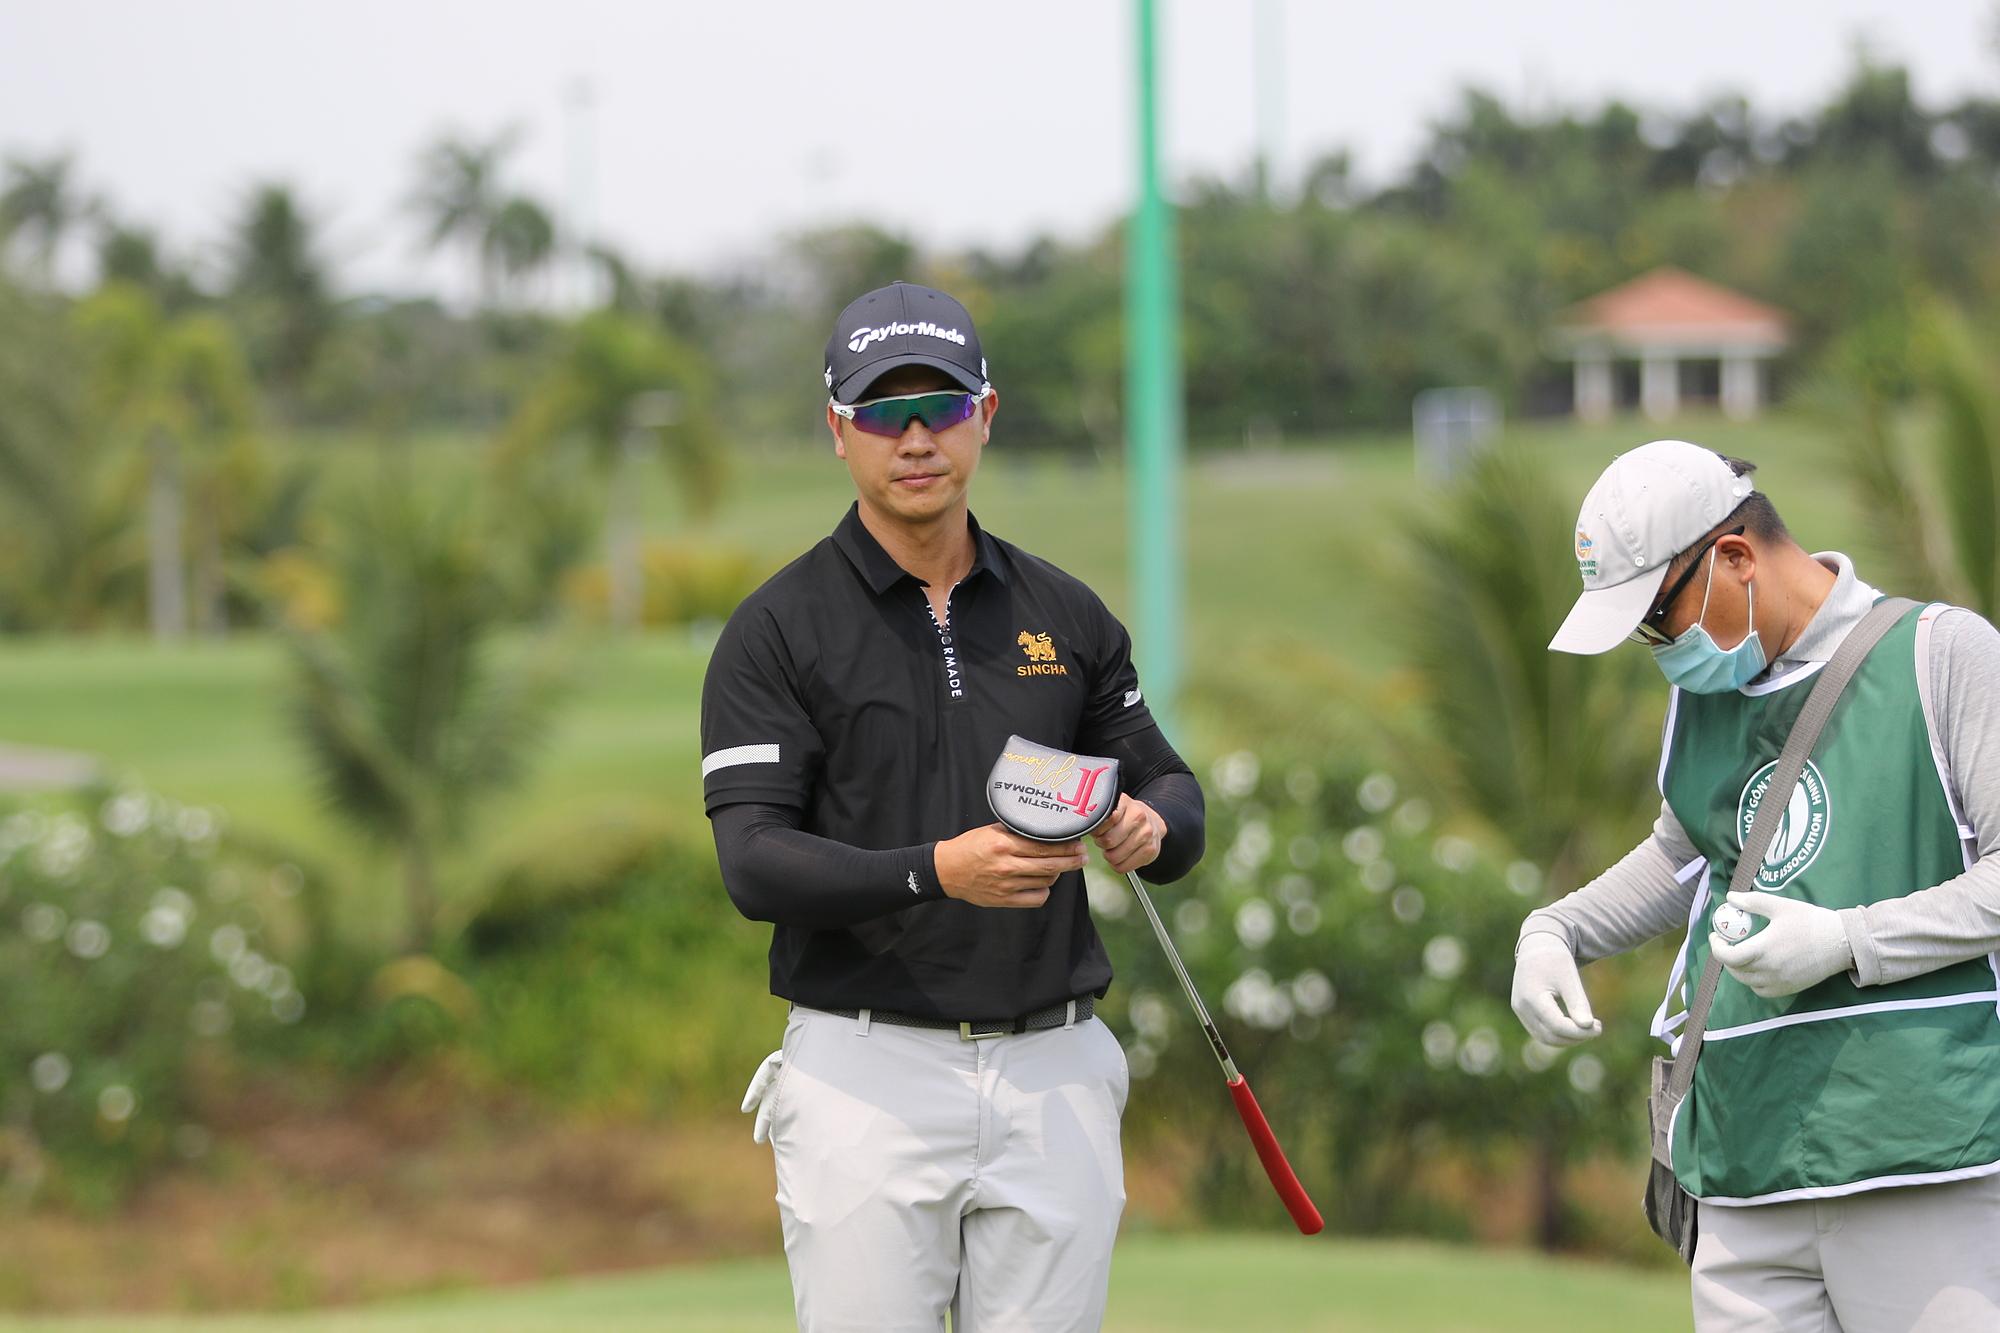 Duy Nhat memenangkan dewan profesional dan mencetak hole-in-one di HCM Open 2021. Foto: HGA